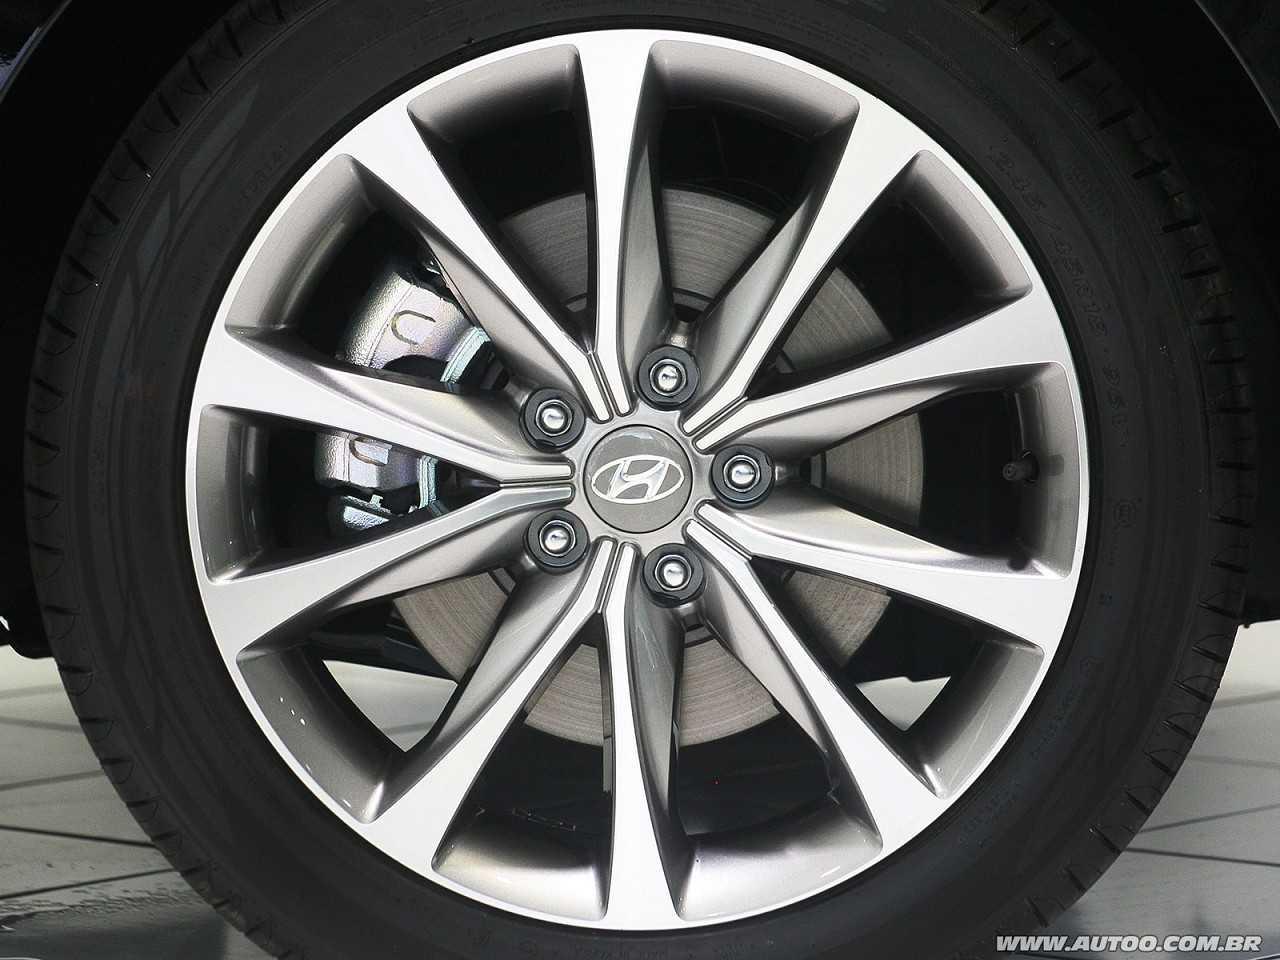 HyundaiAzera 2015 - rodas